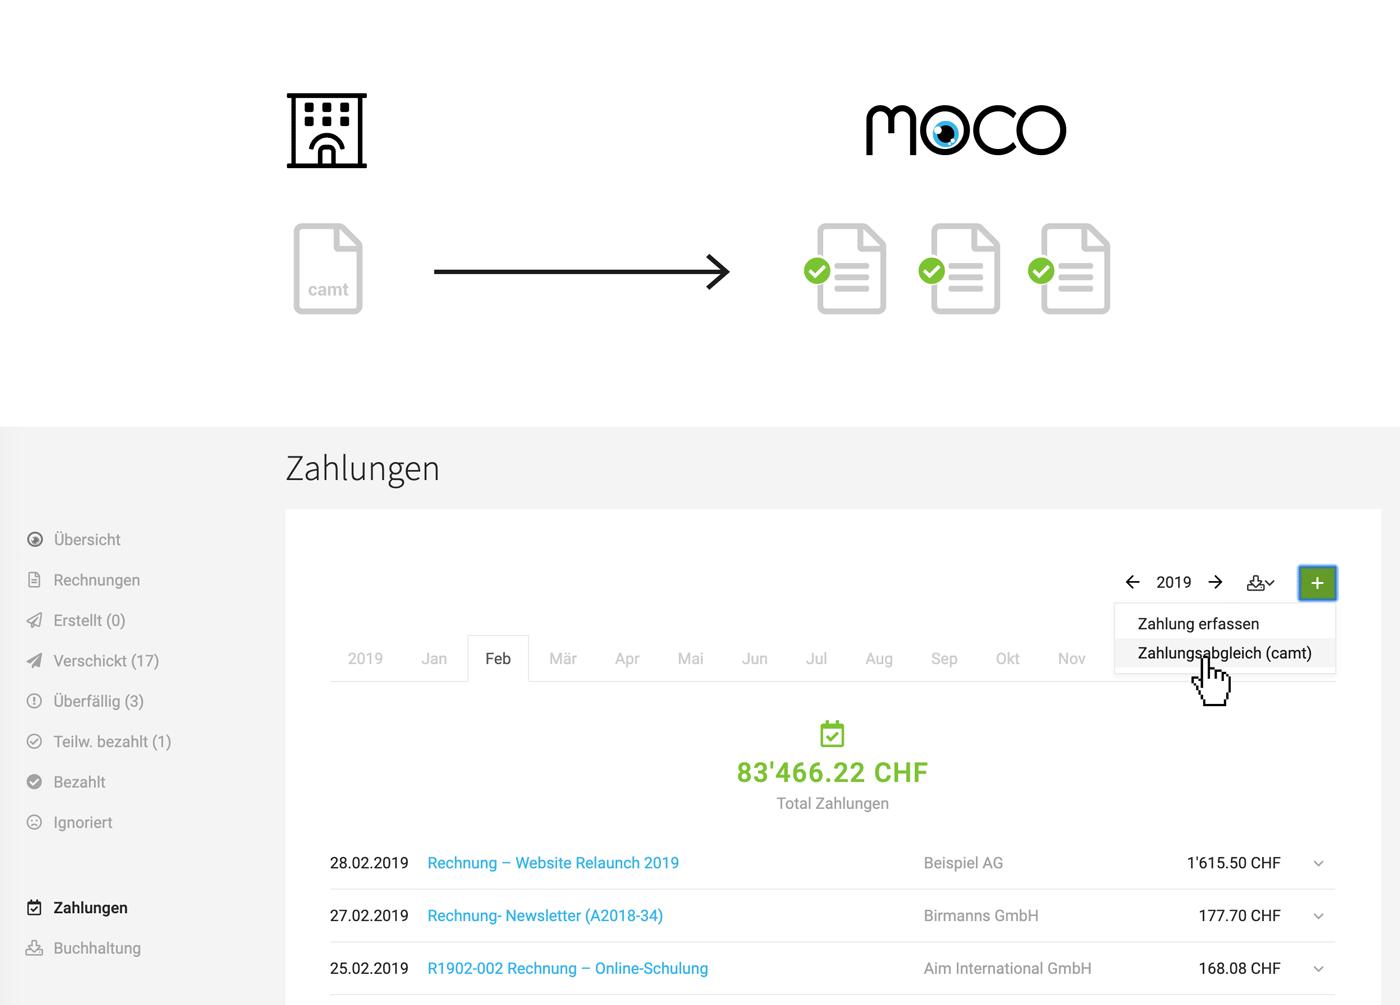 Zahlungsabgleich rechnungen camt moco agentursoftware